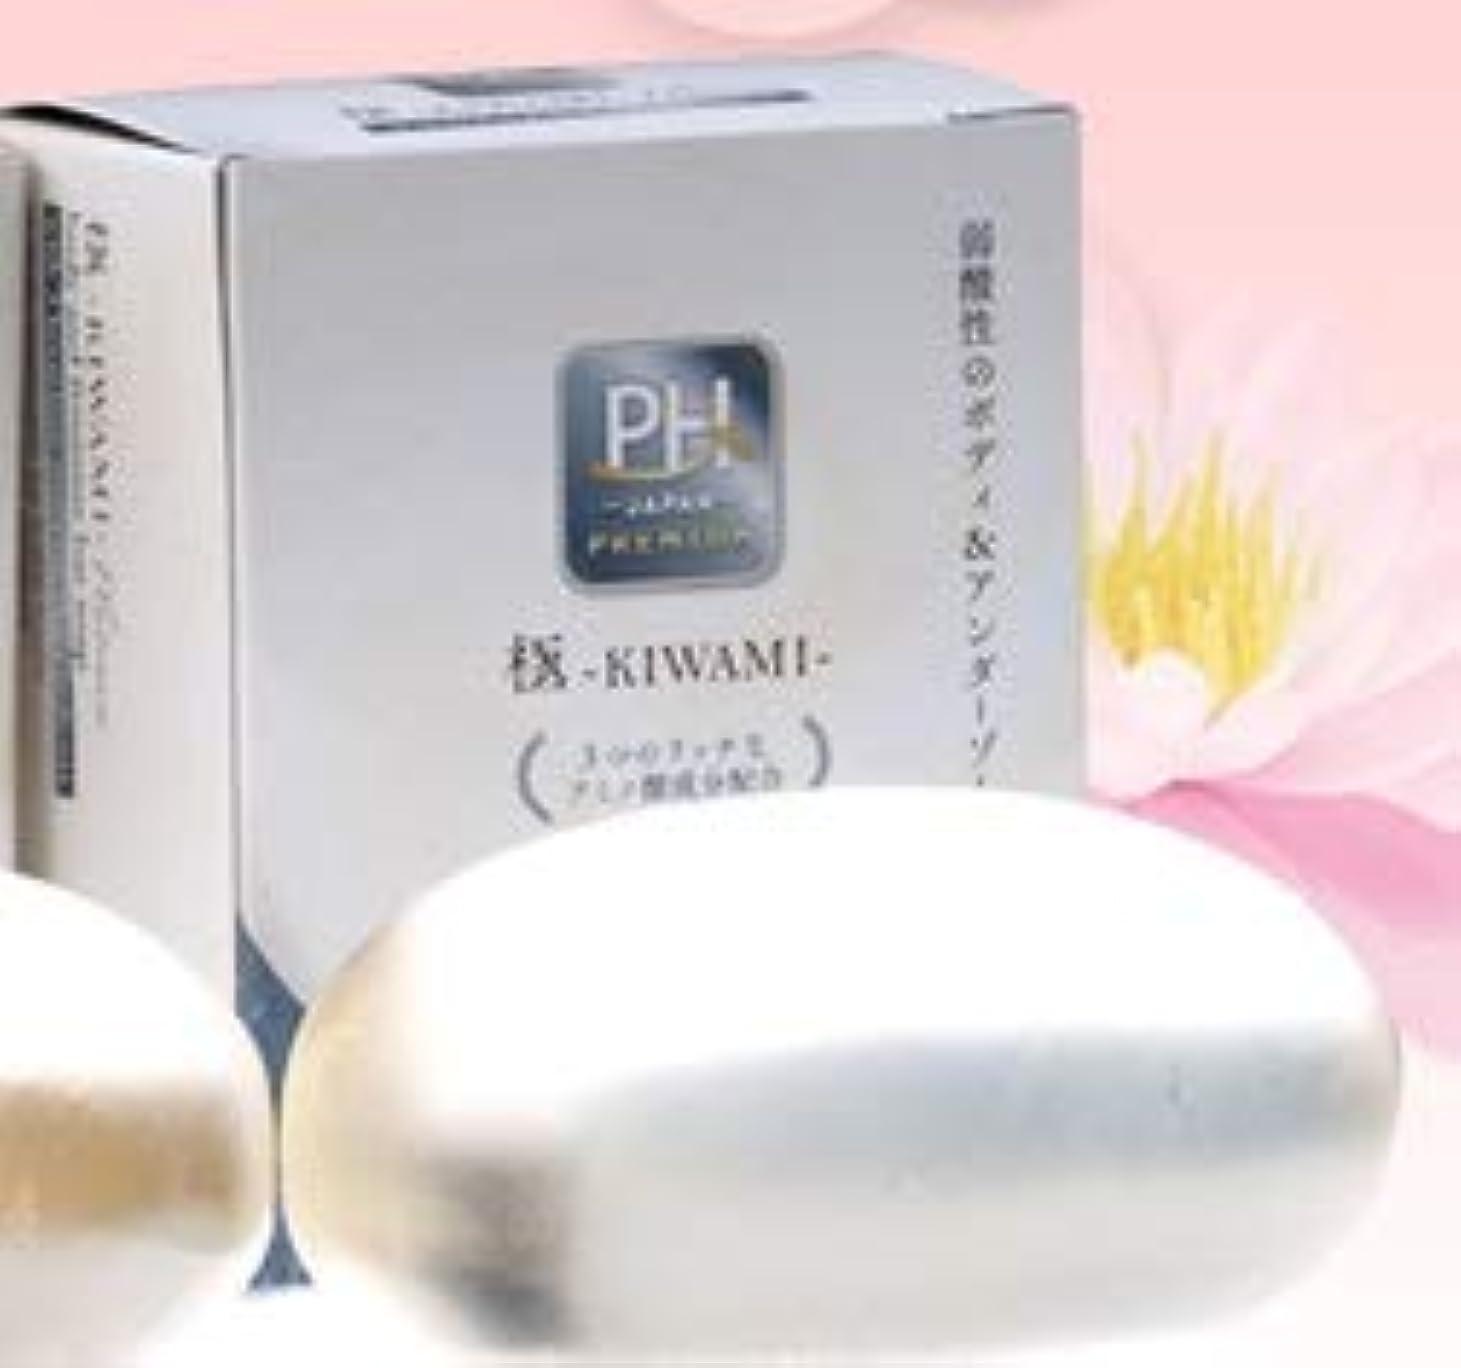 セットアップコメンテーター収入弱酸性アミノ酸 透明固形石けん 極-KIWAMI-プラチナ